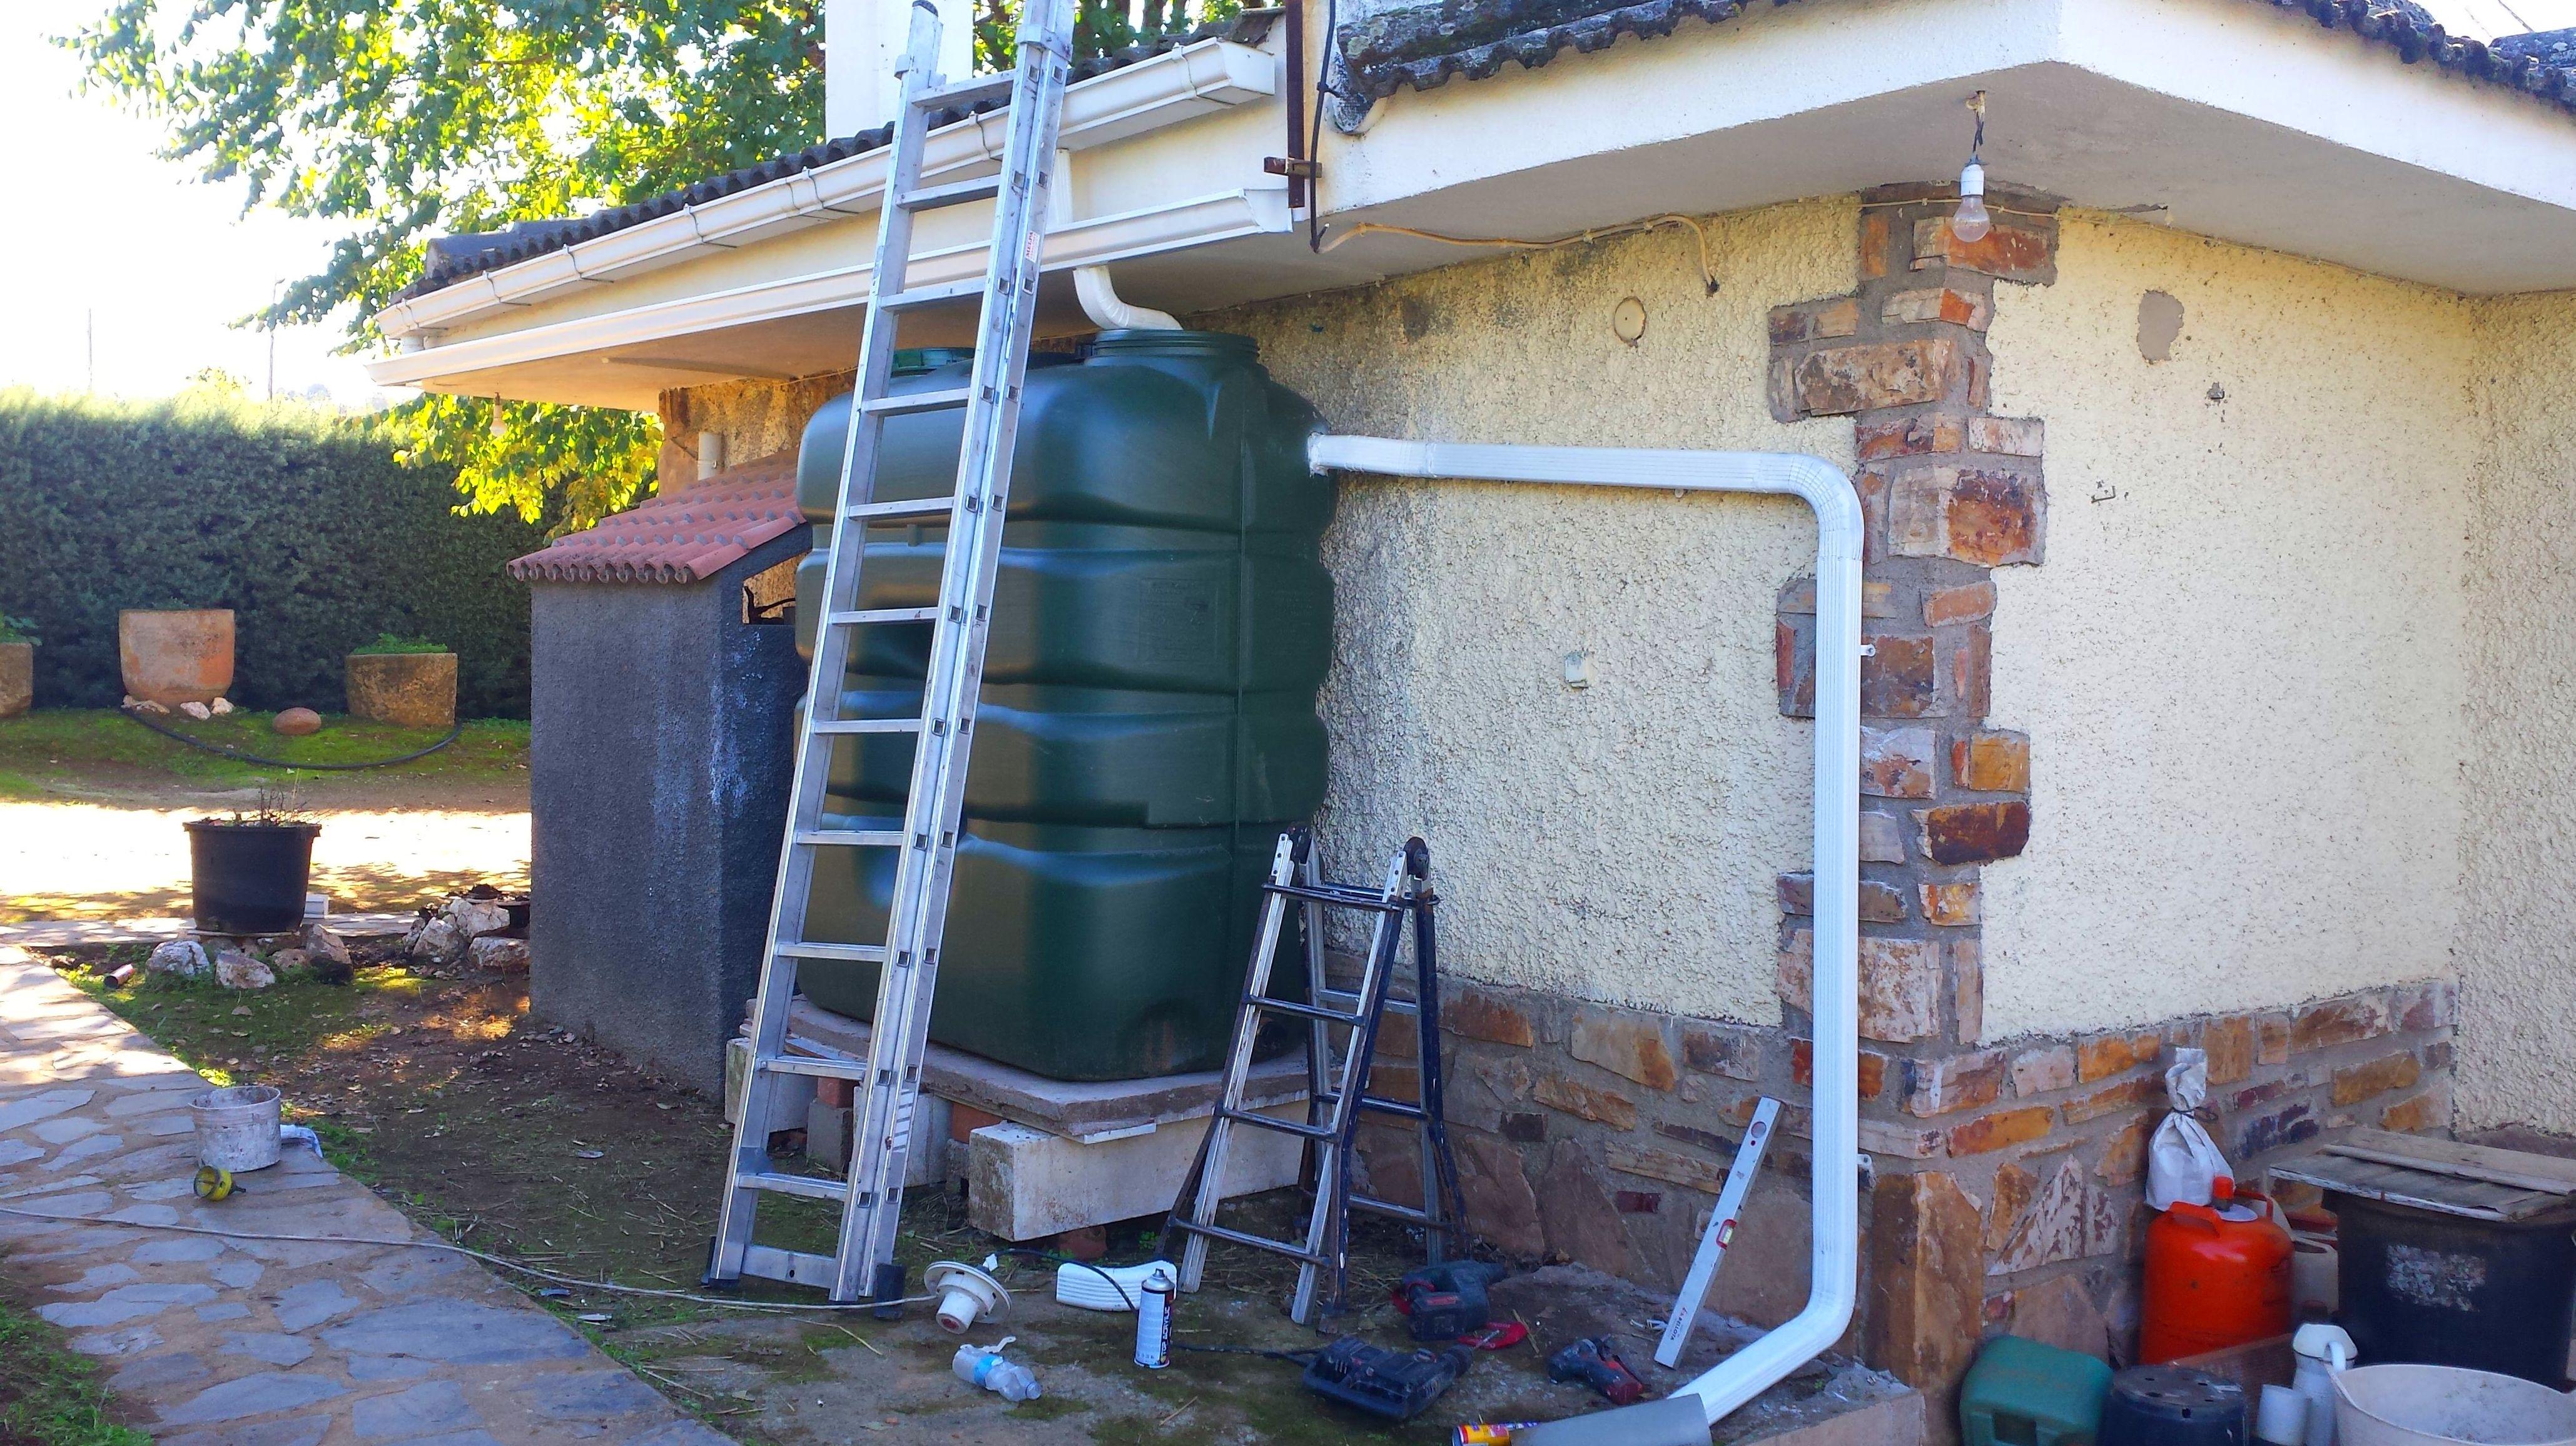 recuperación de agua para riego con depósitos